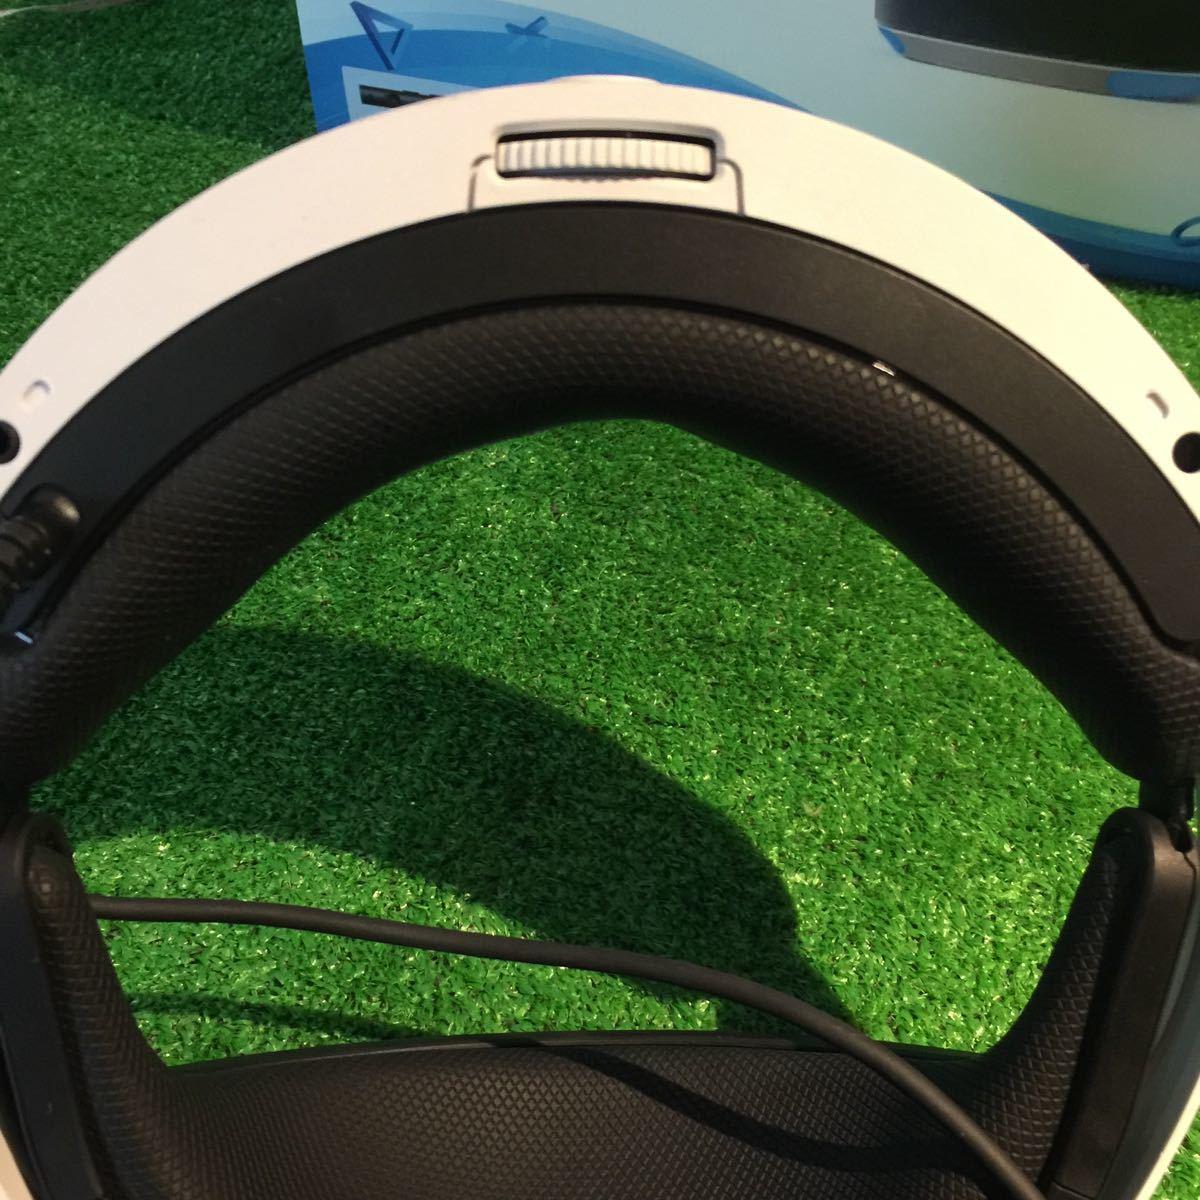 1円~ PSVR PlayStation VR PlayStation Camera同梱版 CUHJ-16003 元箱 説明書付き (77) 100サイズ_画像3